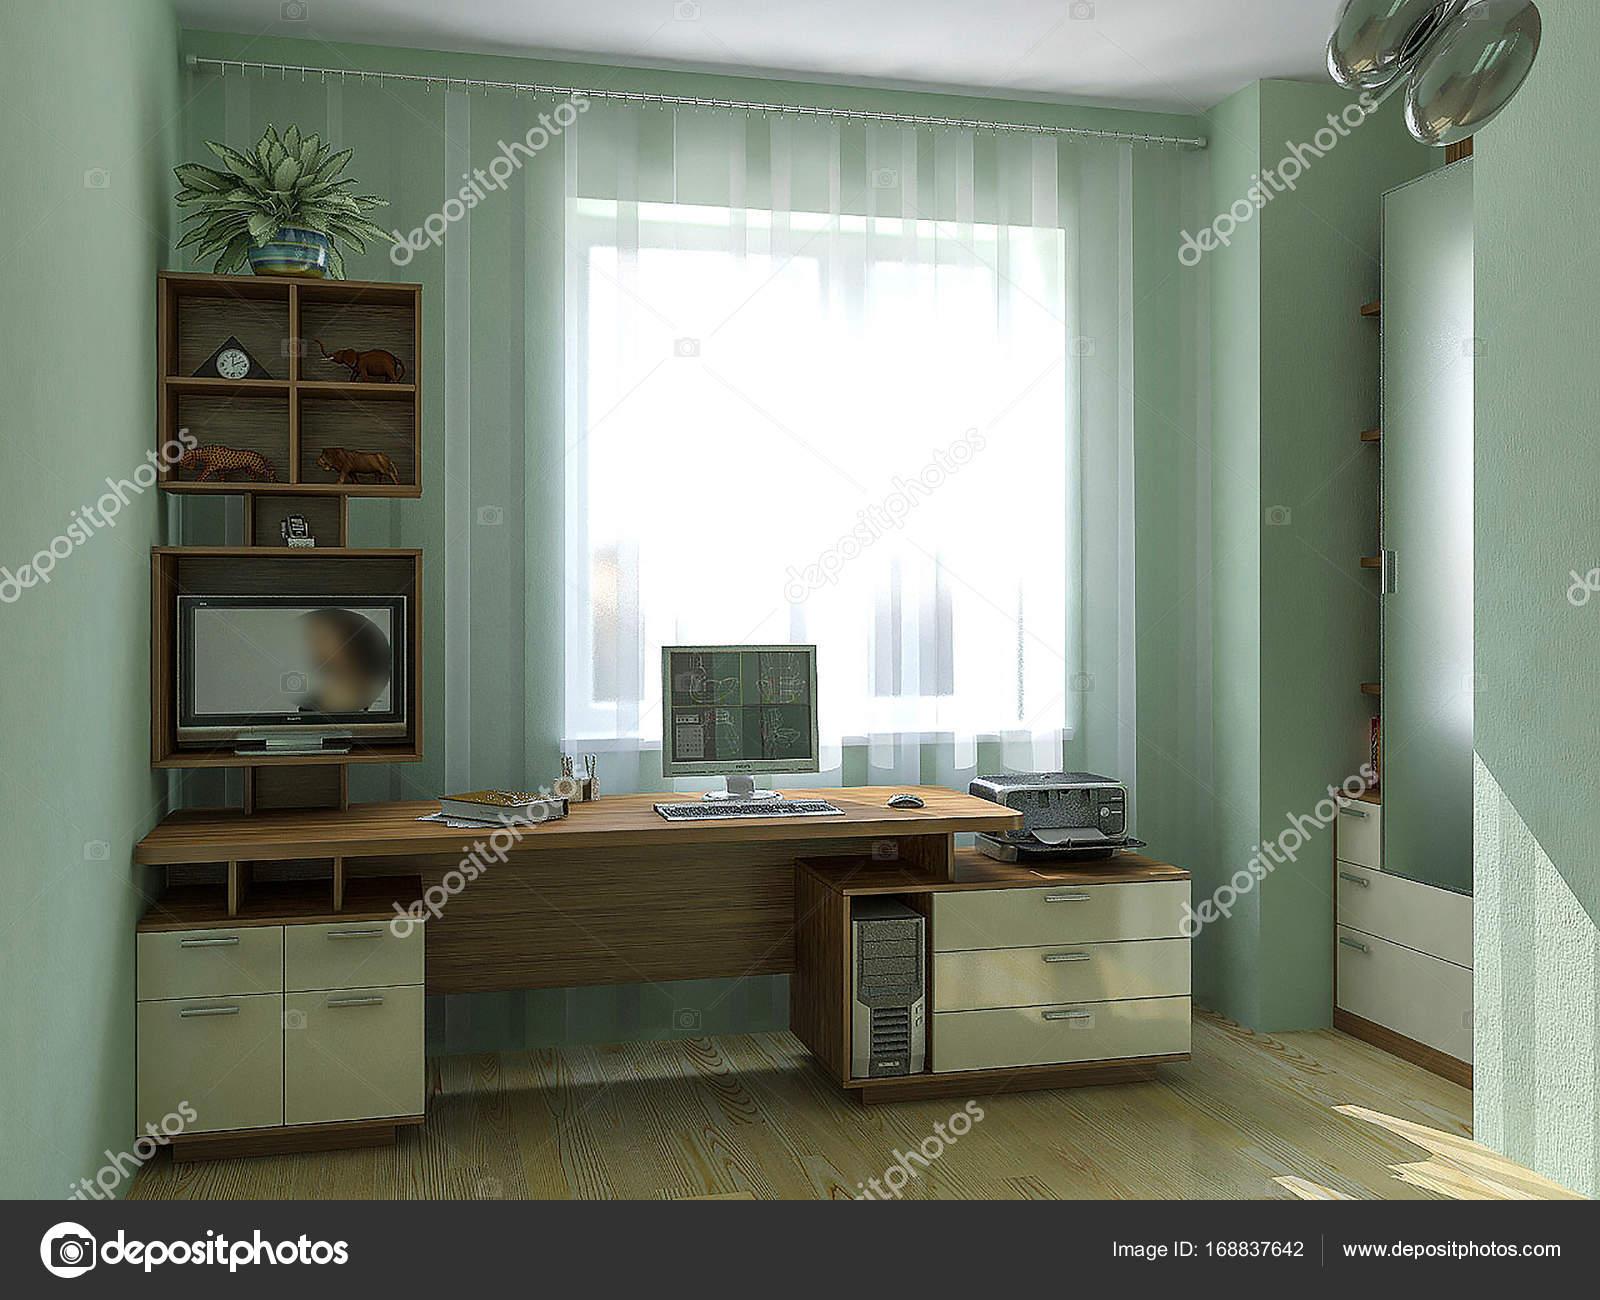 kinderen slaapkamer werkplek ideen van het ontwerp 3d illustratie stockfoto